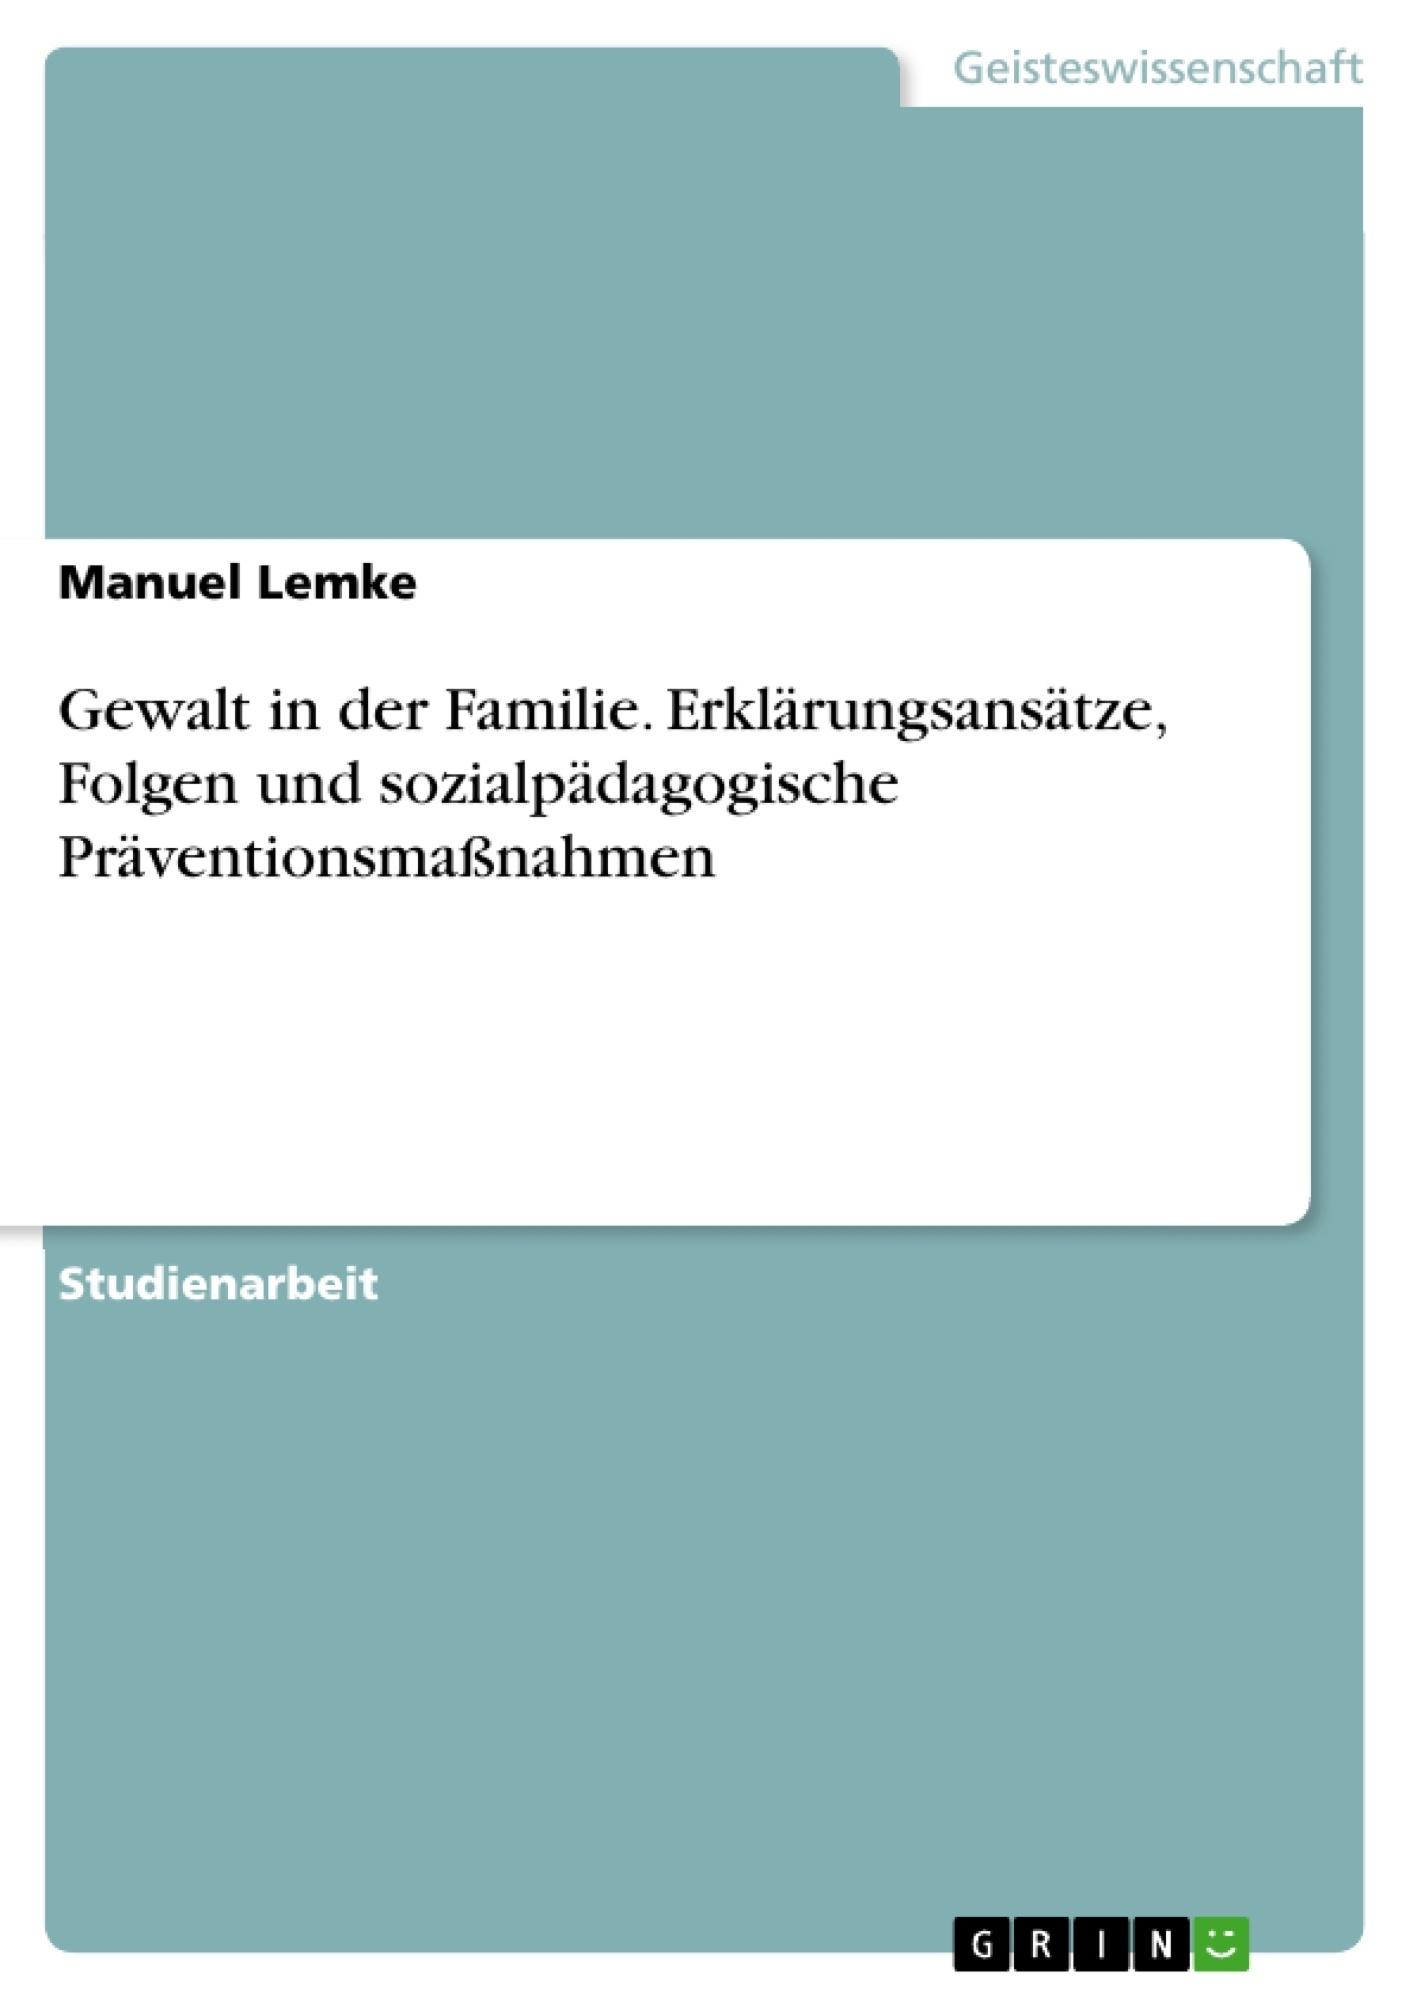 Titel: Gewalt in der Familie. Erklärungsansätze, Folgen und sozialpädagogische Präventionsmaßnahmen